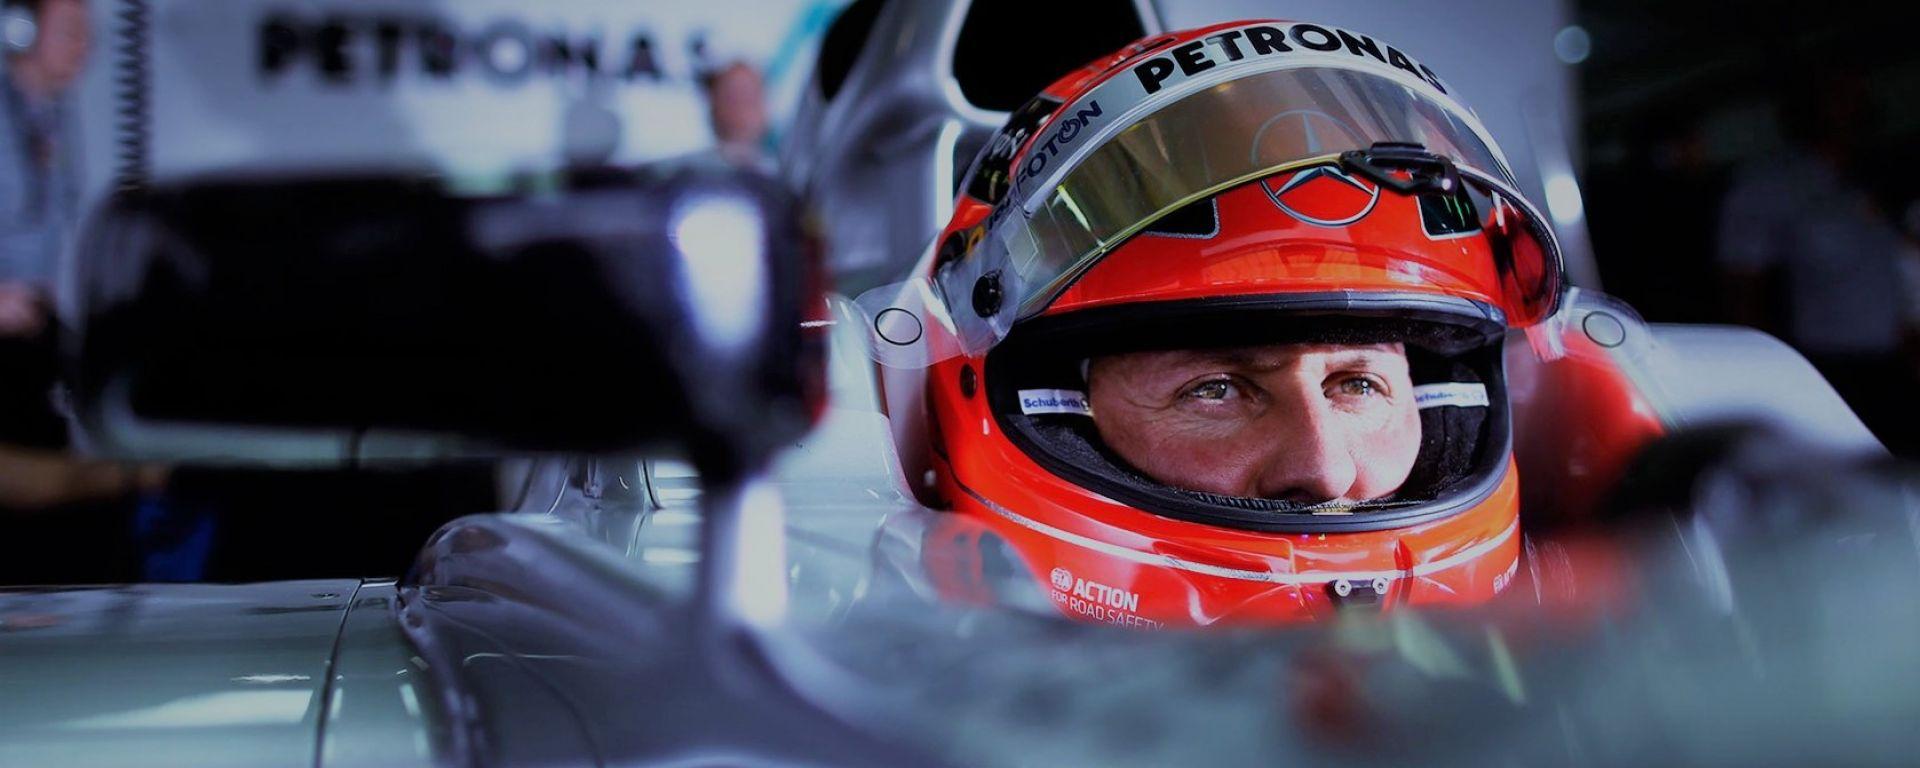 Schumacher e il trasferimento a Maiorca. La portavoce smentisce tutto